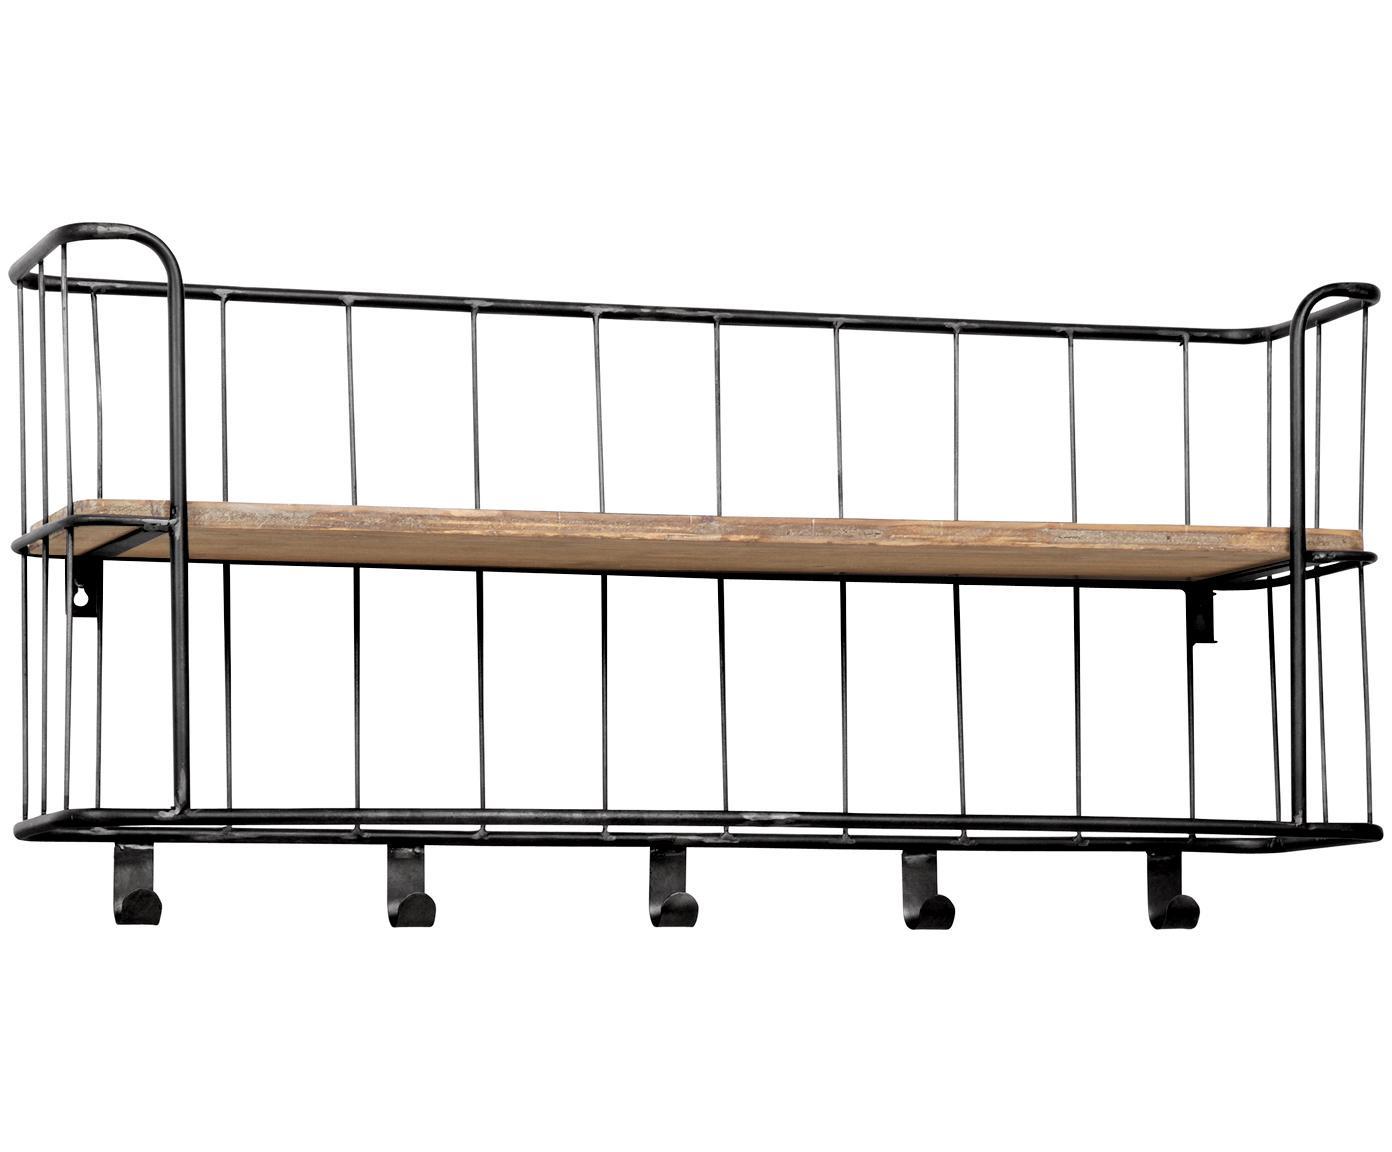 Wieszak ścienny rustykalny Giro, Stelaż: metal chromowany, Stelaż: chrom Półki: drewno mangowe, S 85 x W 40 cm